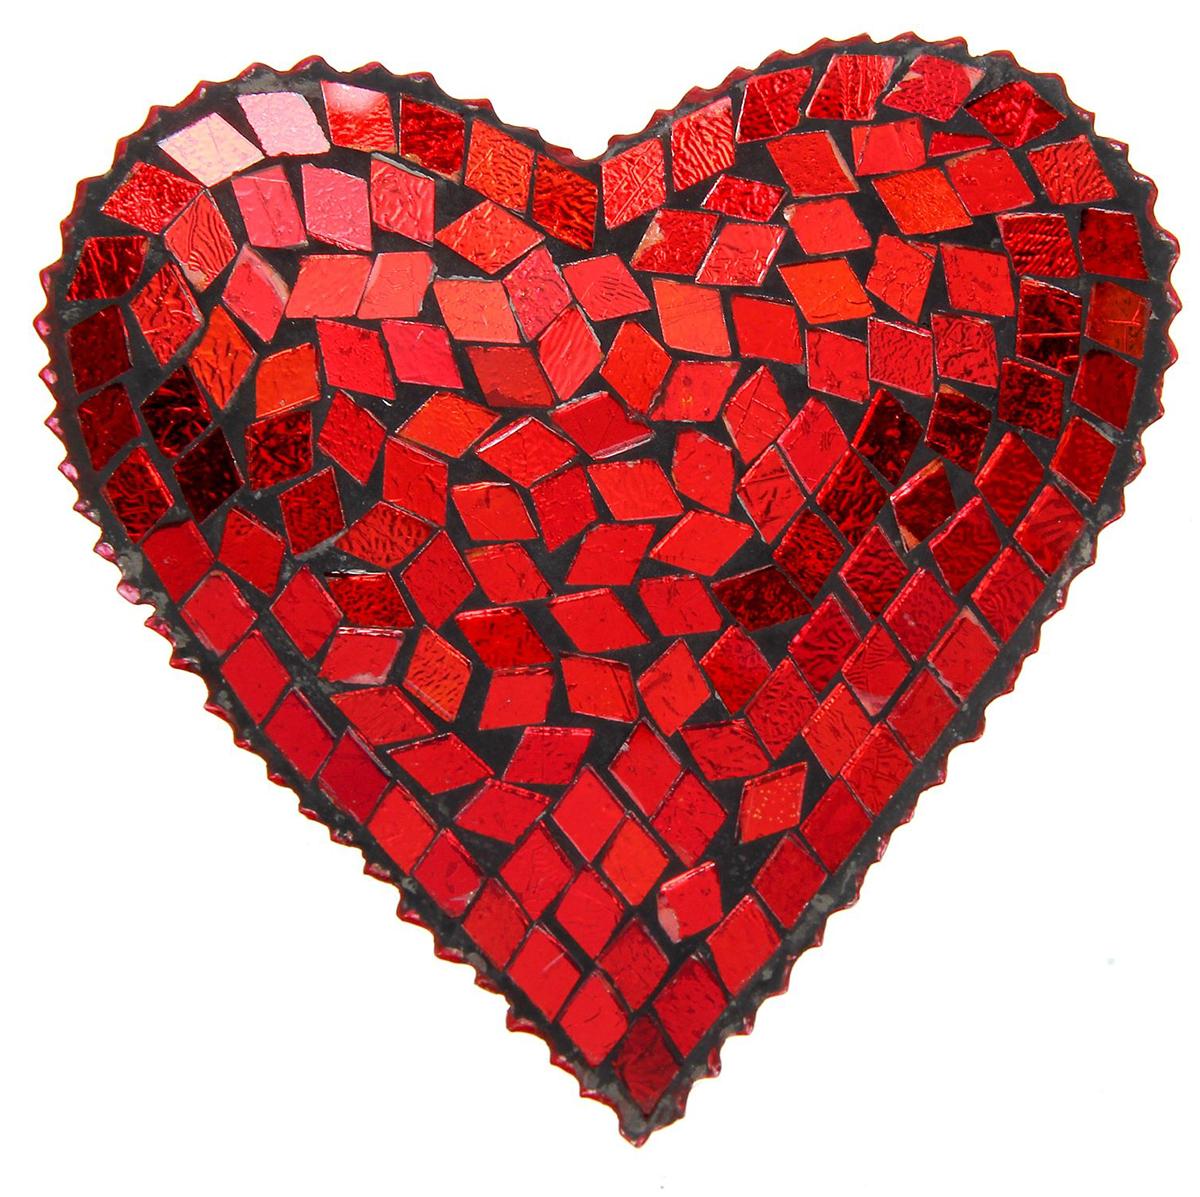 Подсвечник Сердце, цвет: красный, 12 х 12 х 1,5 см1438640Подсвечник в форме сердца — хорошее приобретение для тех, кто хочет сделать свой вечер особенным! Стильный декор создаст романтическую атмосферу в доме и подойдет как для праздников, так и для тихих встреч со своей половинкой. Дополните его свечкой, и все вокруг замерцает миллионами бликов, принося вам хорошее настроение и эстетическое удовольствие.Порадуйте себя и своих близких!